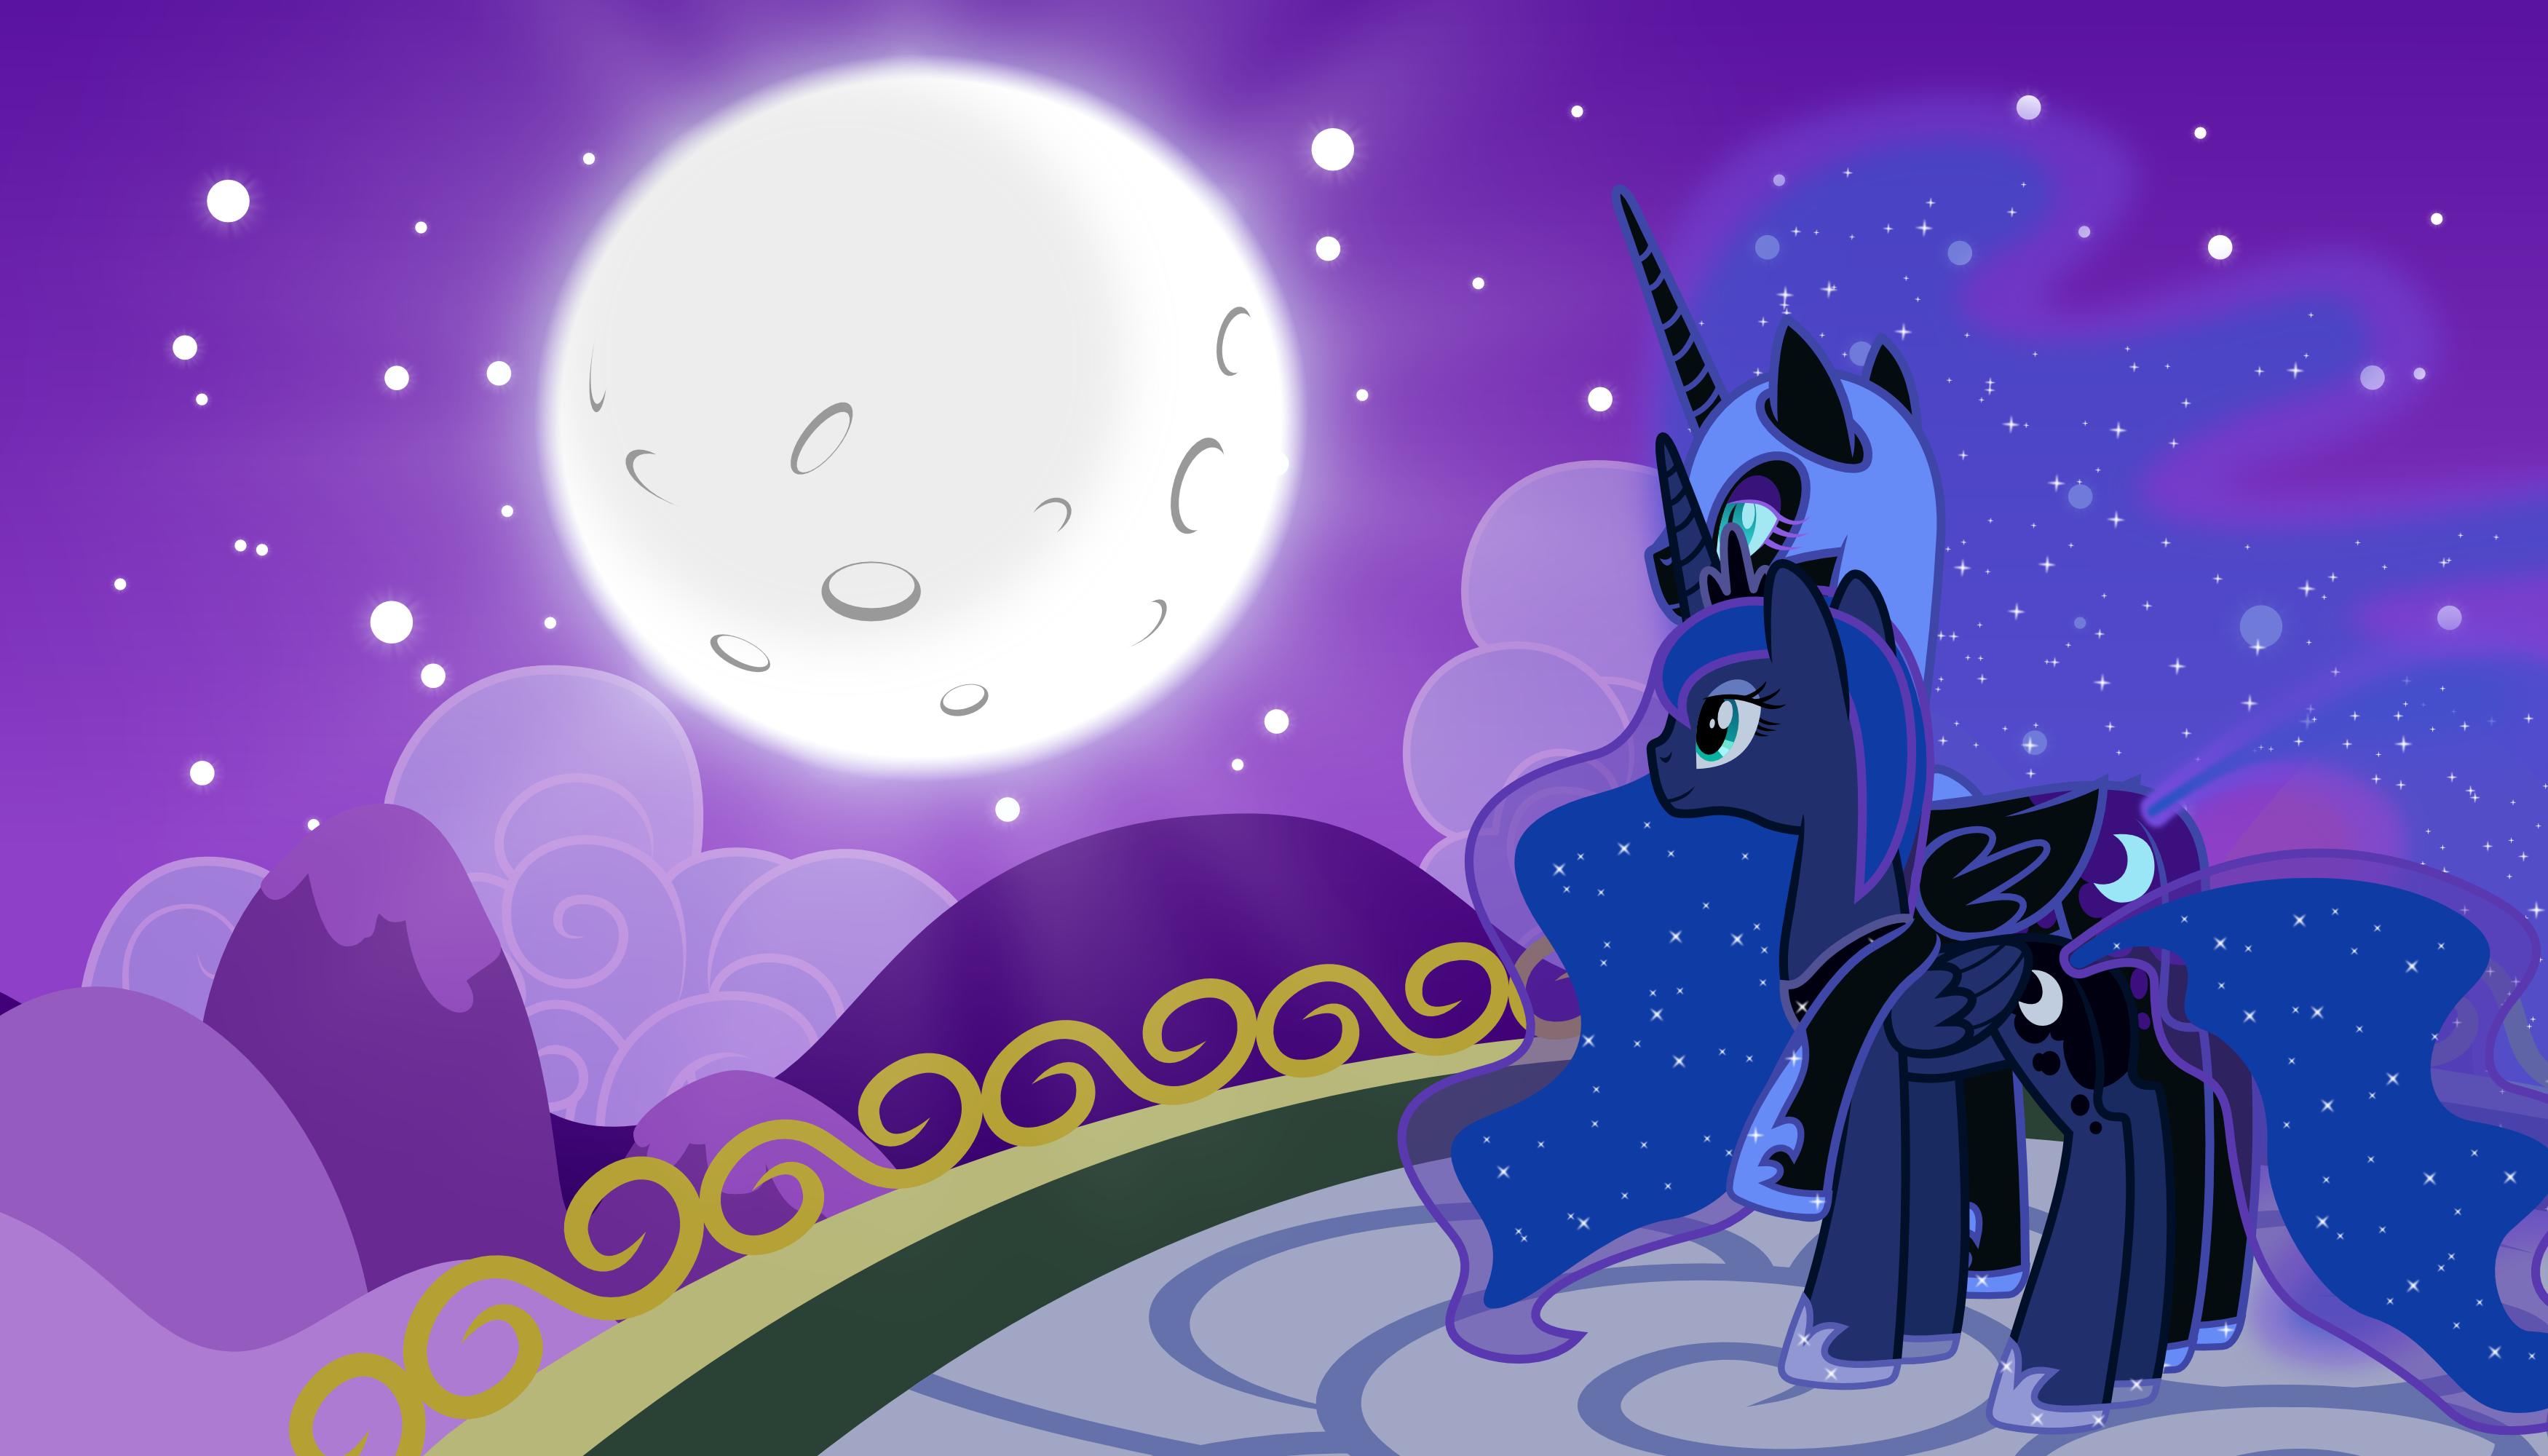 всего картинки фоны с луной пони описании фото часы